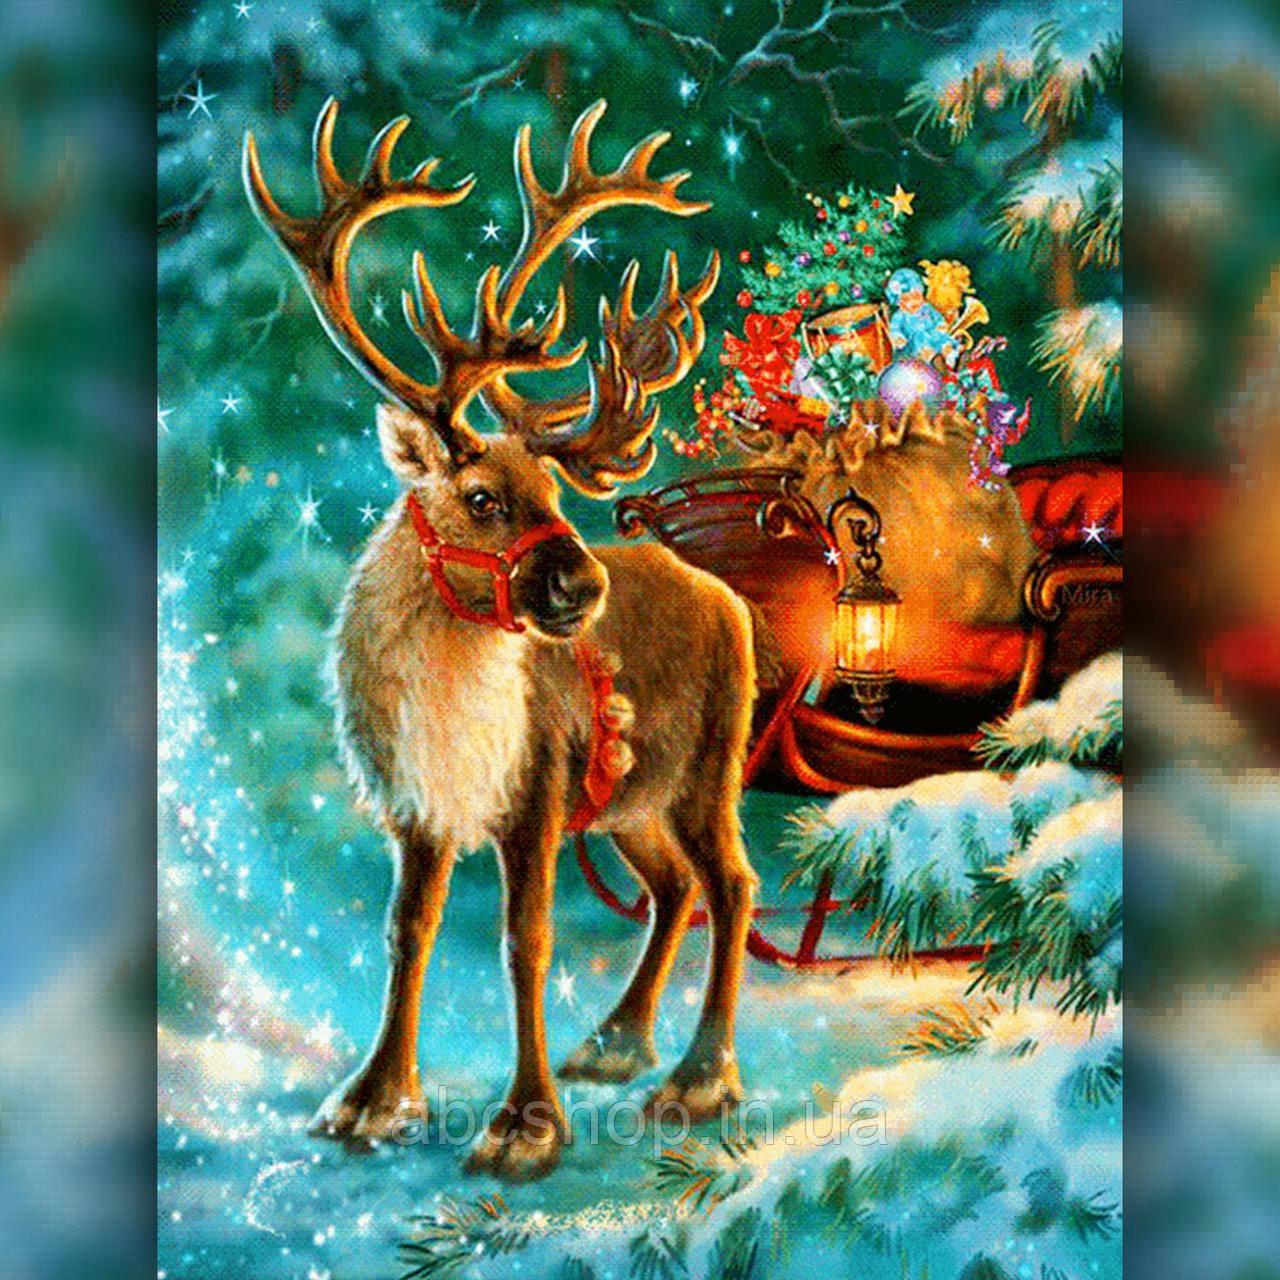 Алмазная вышивка Олень Деда Мороза с санями 30x40 The Wortex Diamonds (TWD70007)